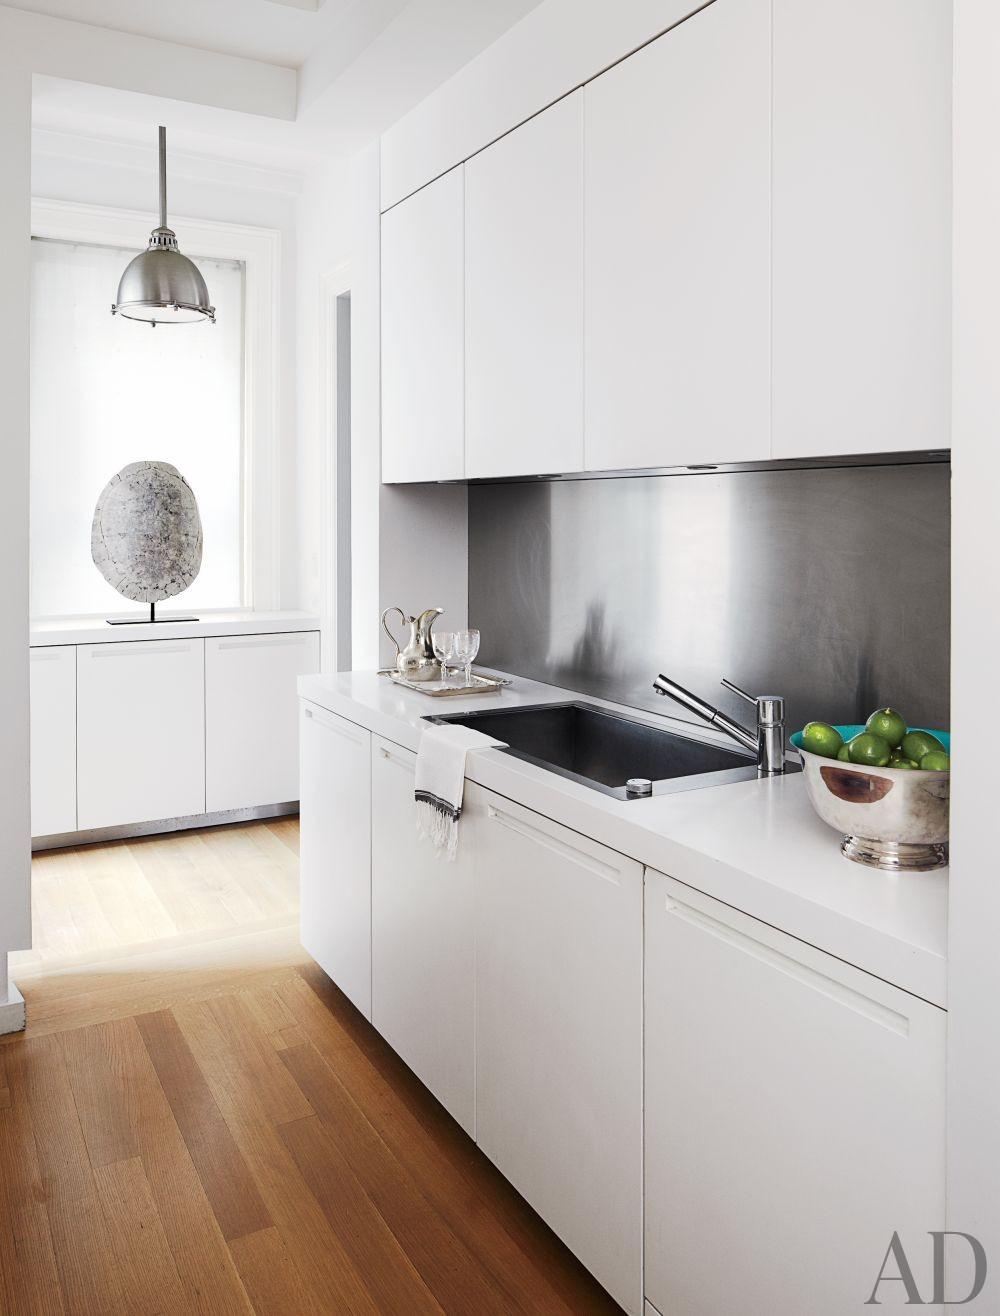 Modern kitchen by aparicio associates by architectural for Modern kitchen design new york